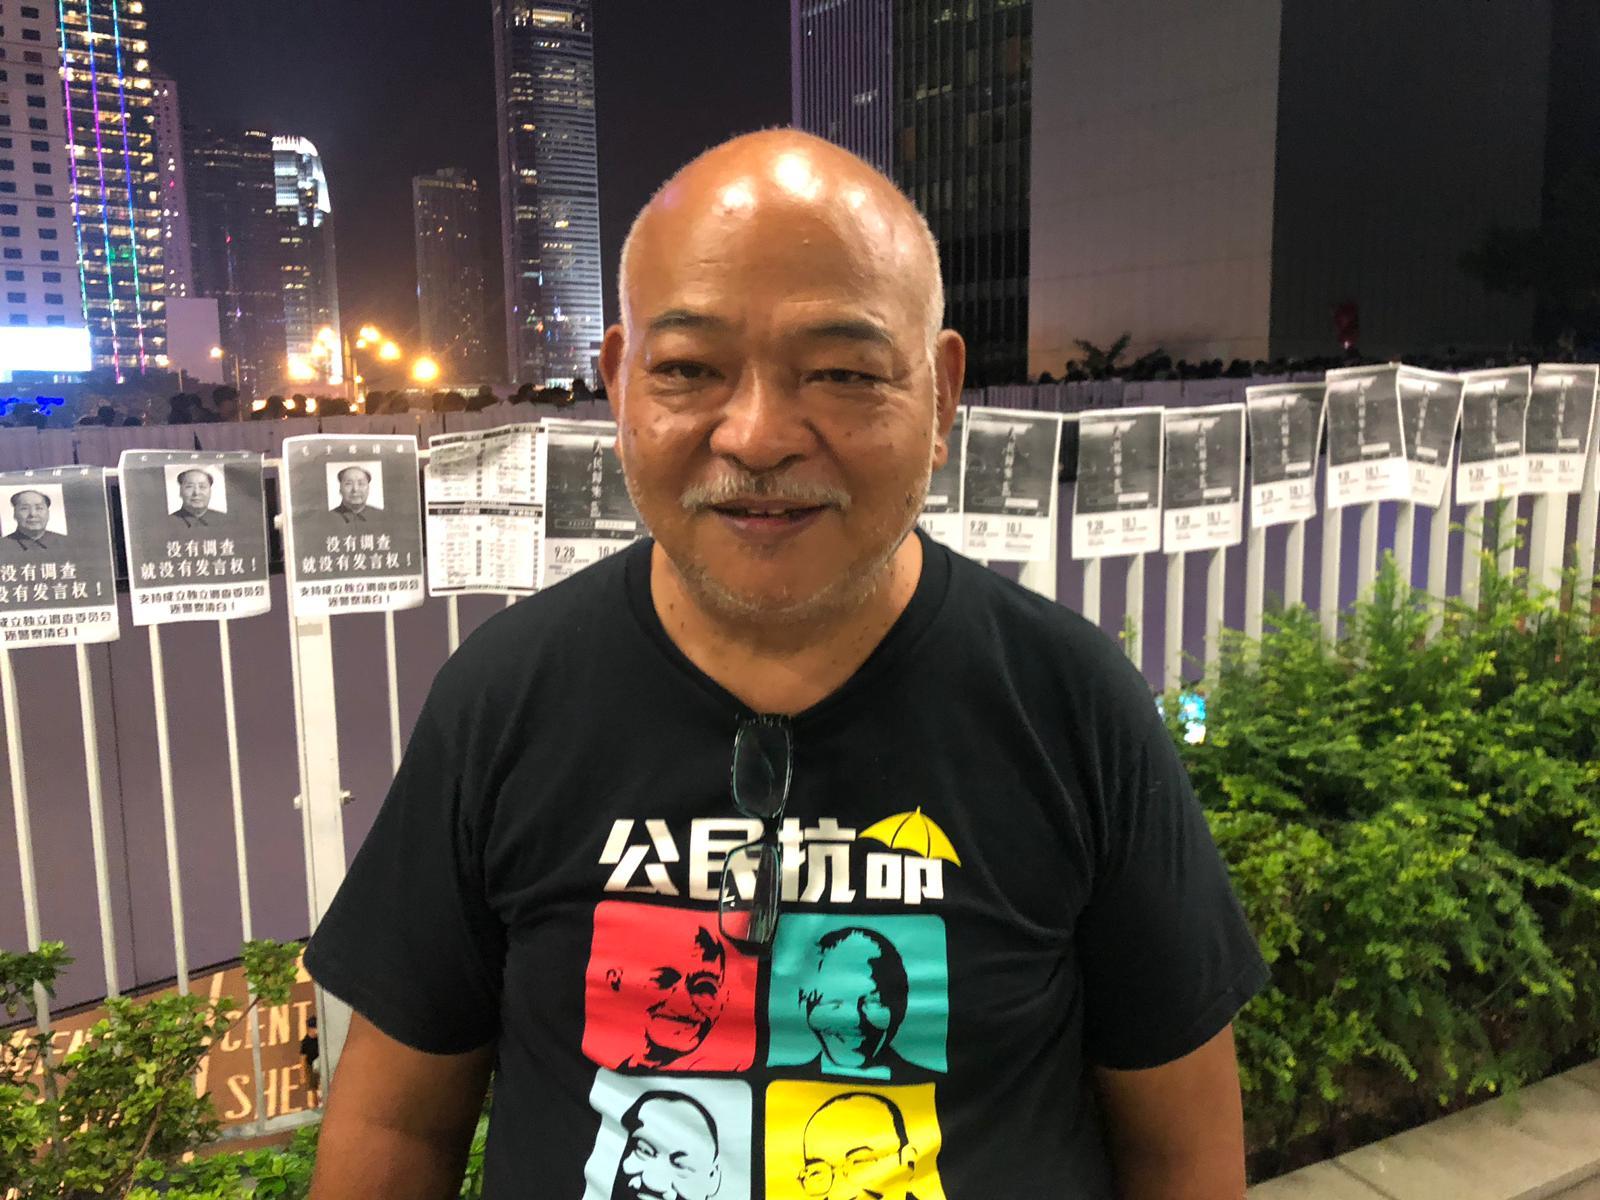 民間電台台長:結束一黨專政 還政於民